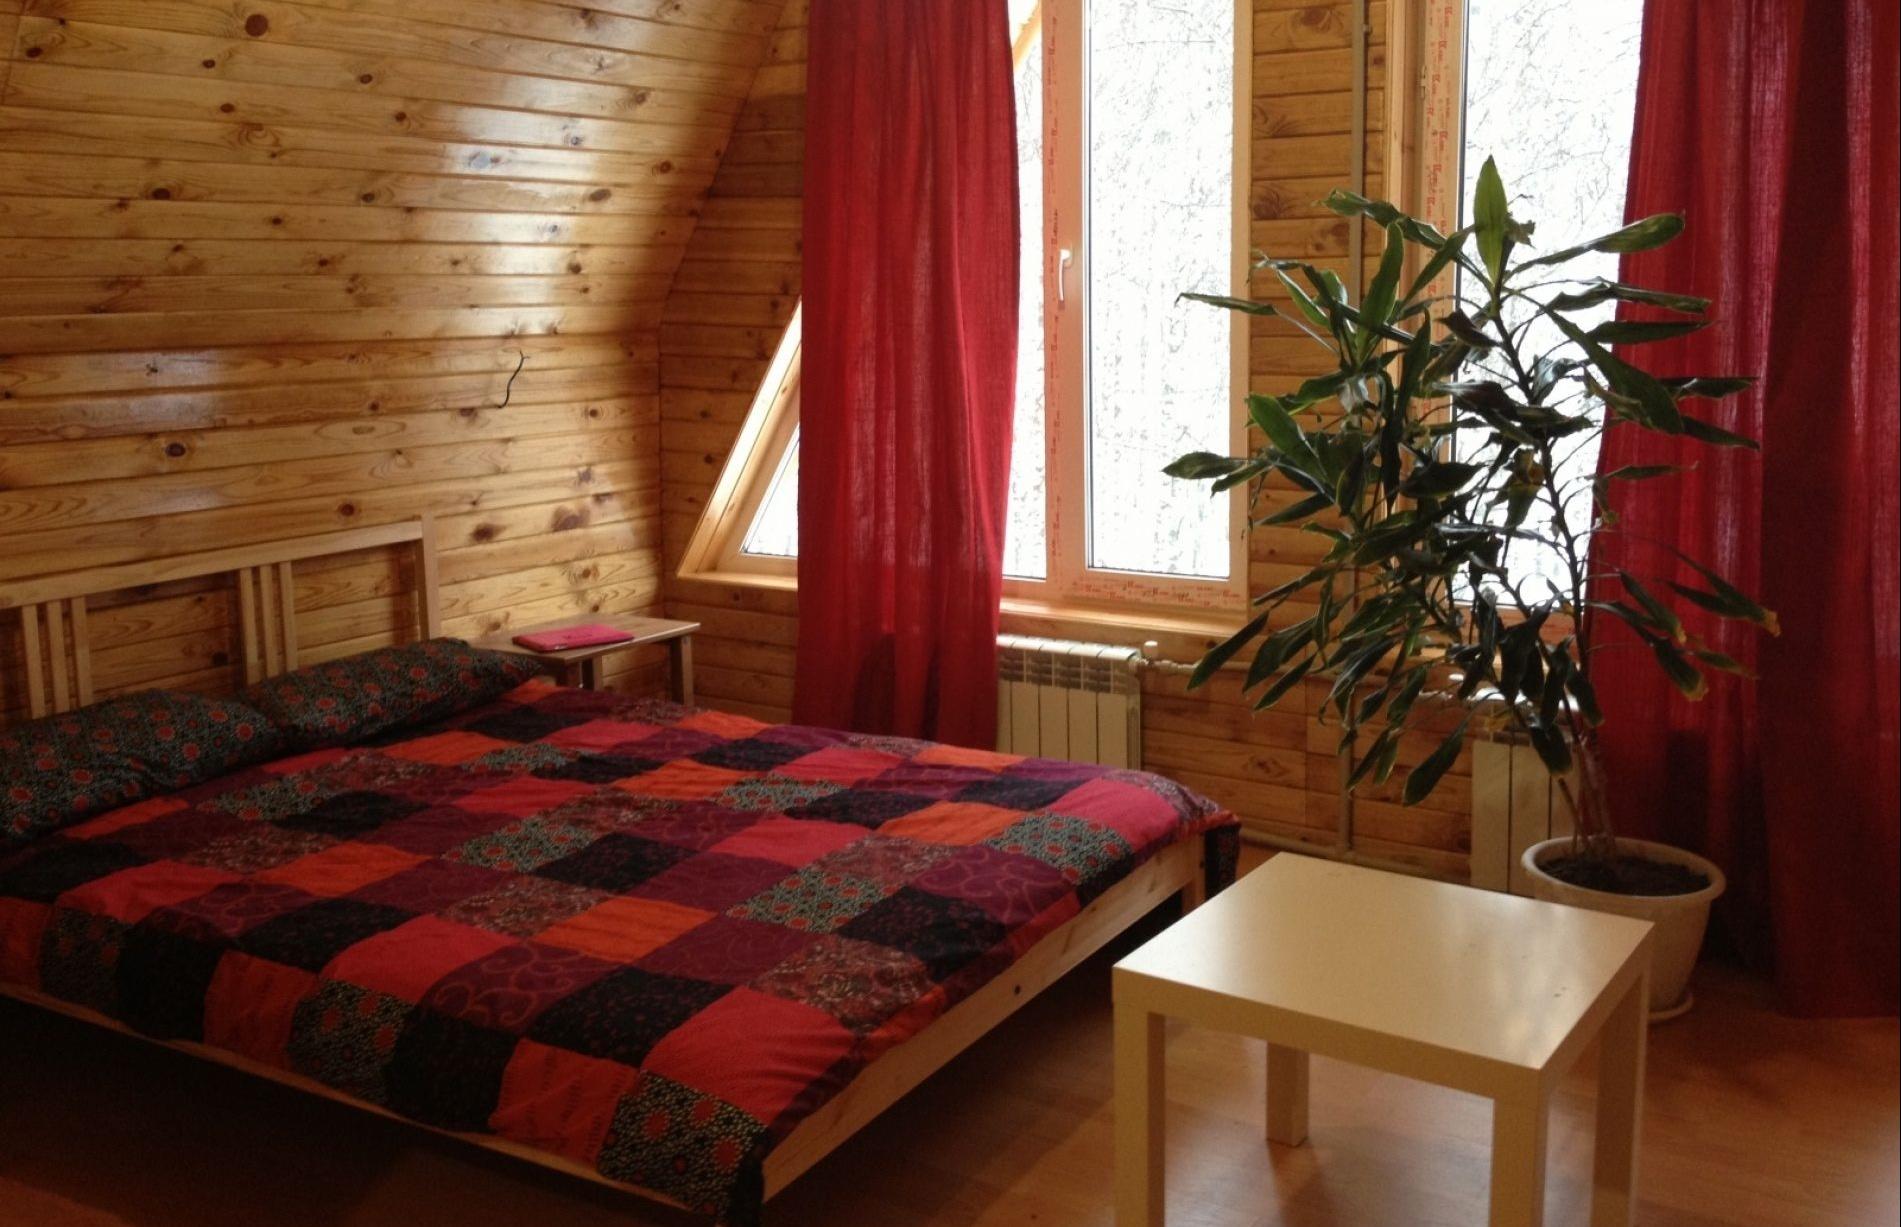 База отдыха «Хаски-хаус» Нижегородская область Номер «Стандарт» 2-местный, фото 2